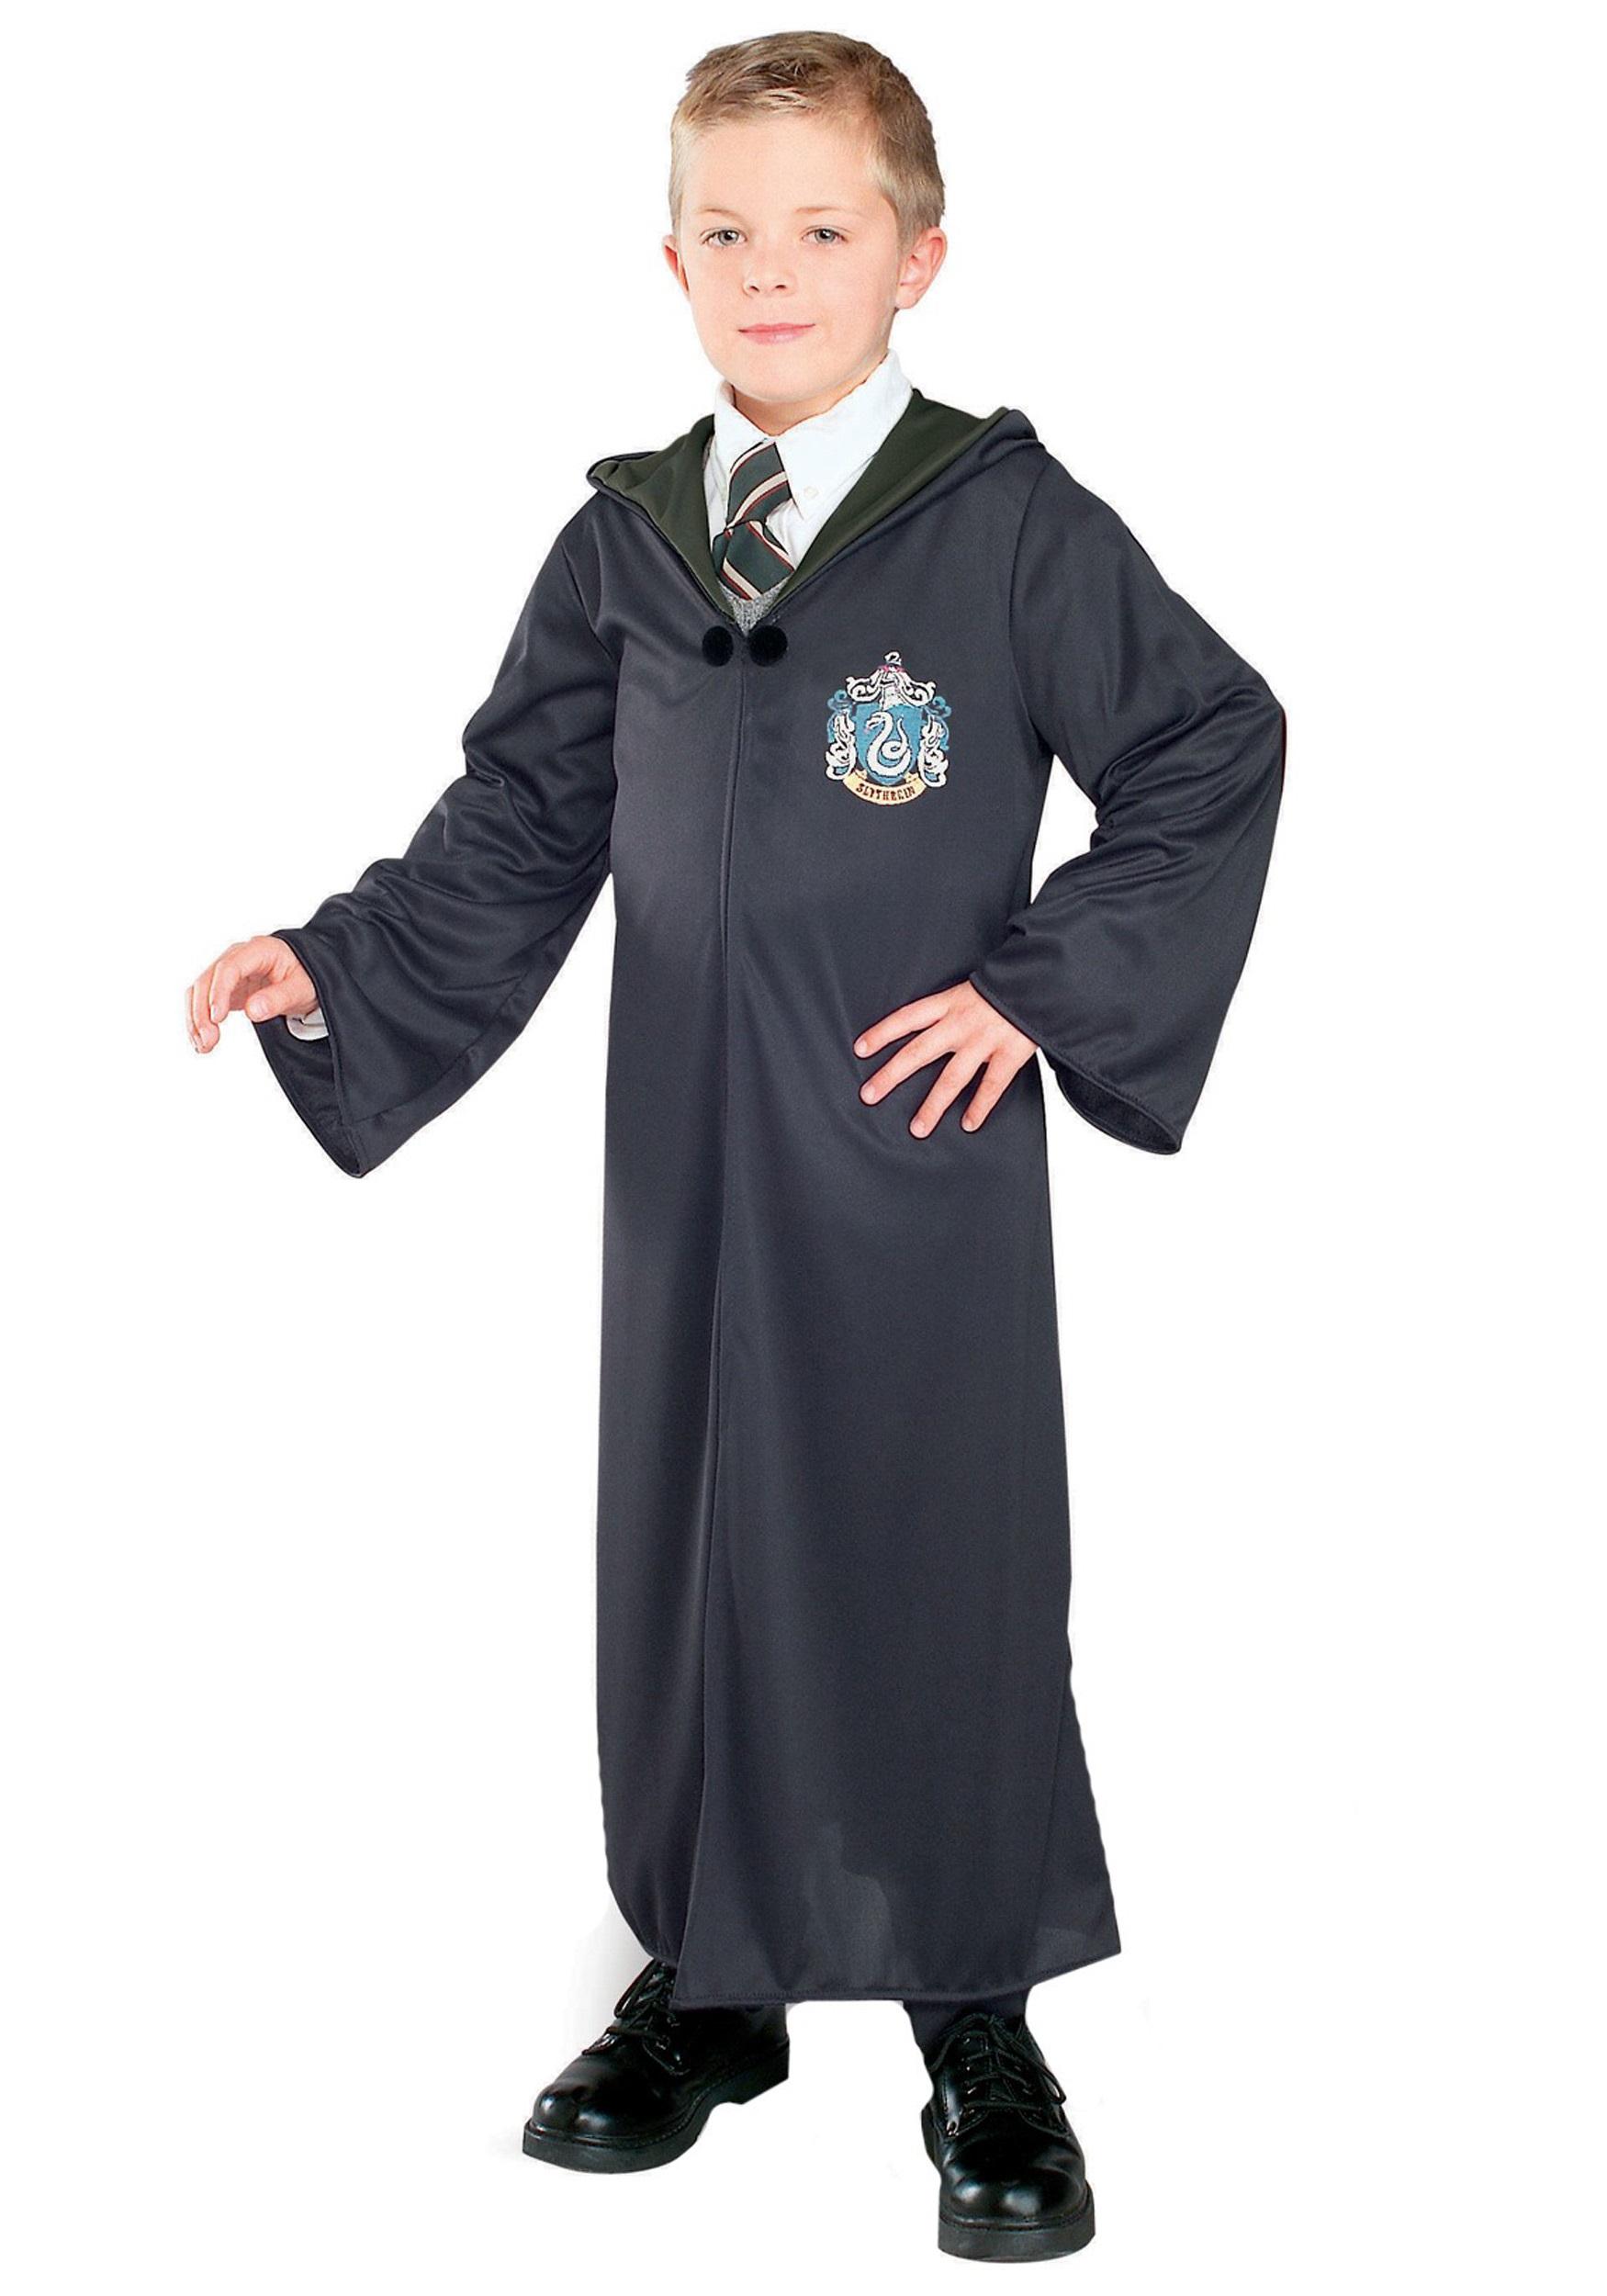 Harry Potter Slytherin Costume Robe